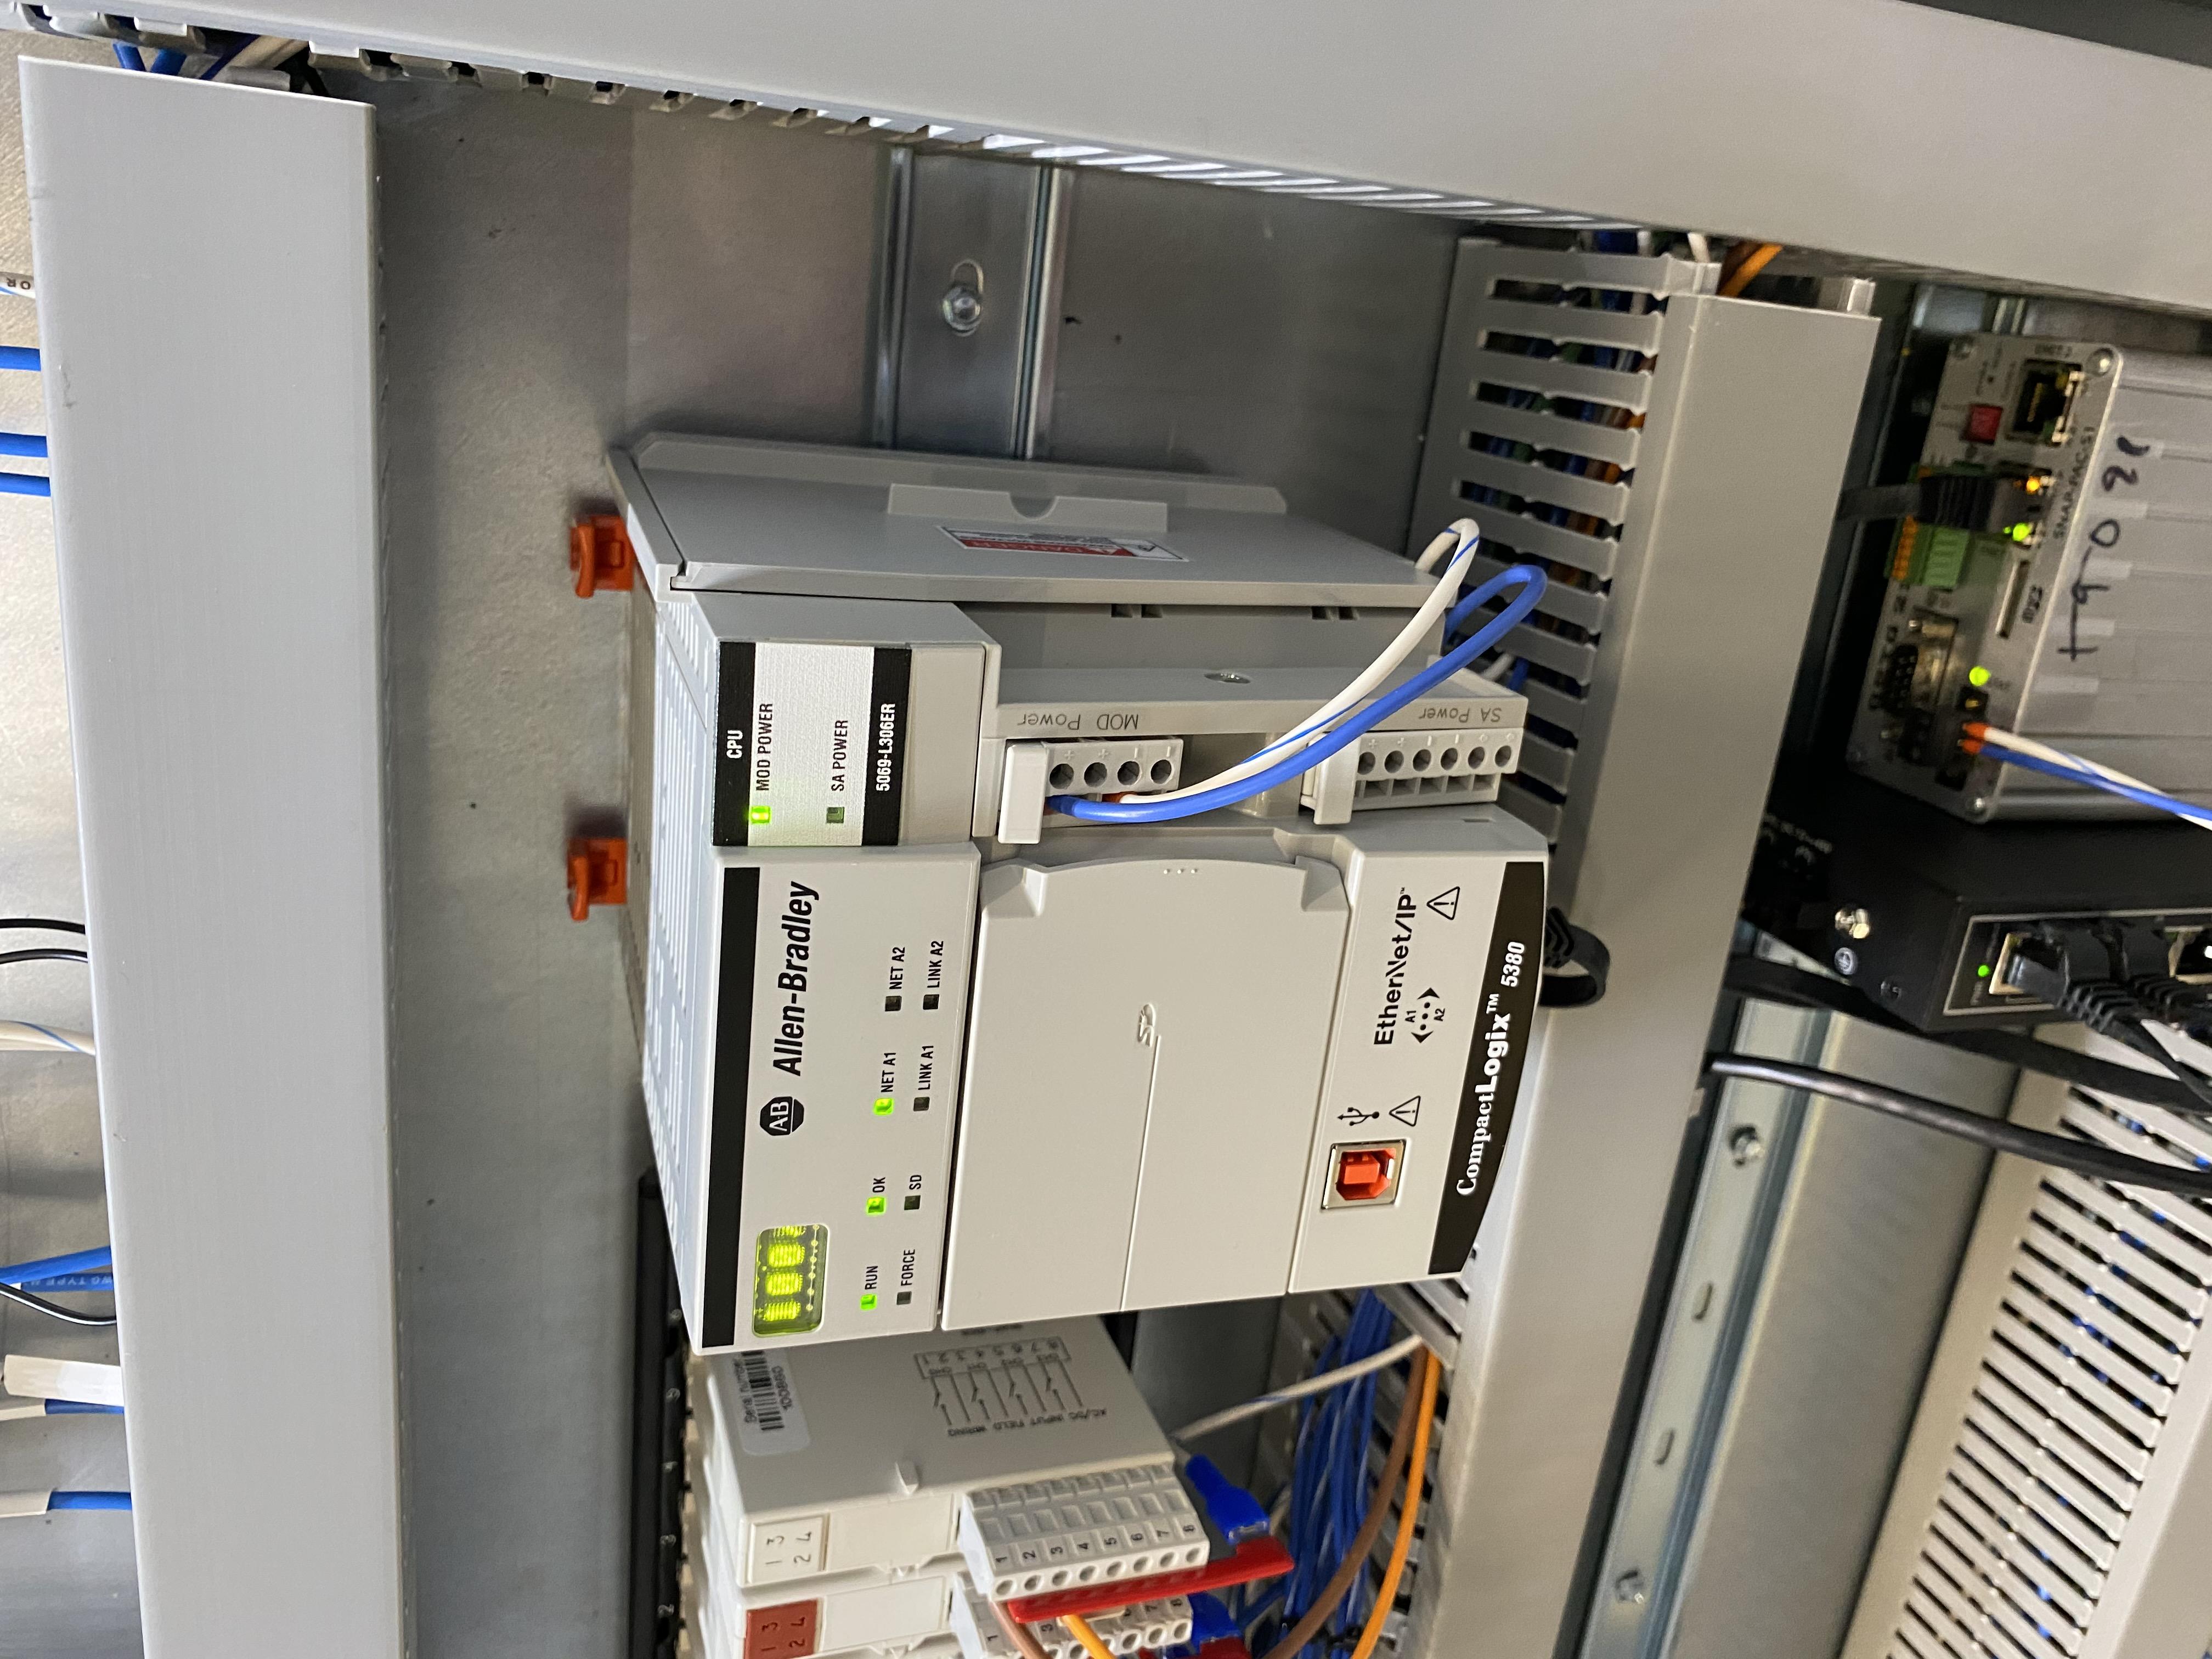 Allen Bradley PLC Compactlogix